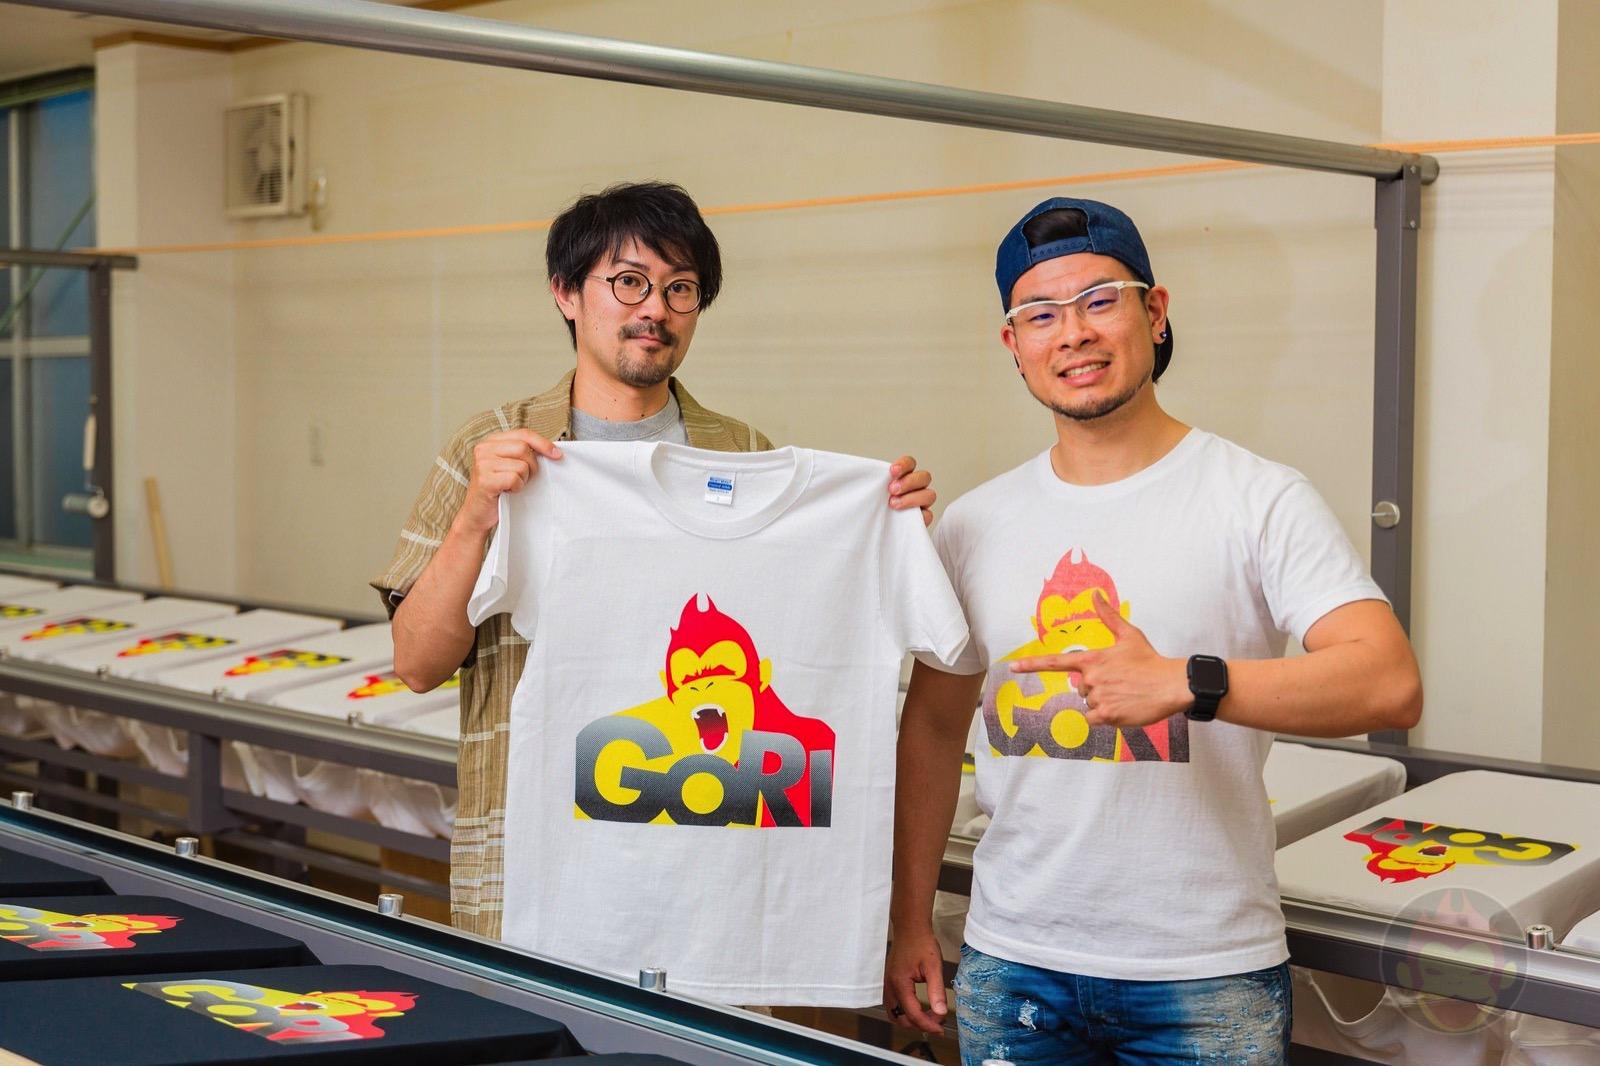 Original-Tshirt-ST-PR-19.jpg